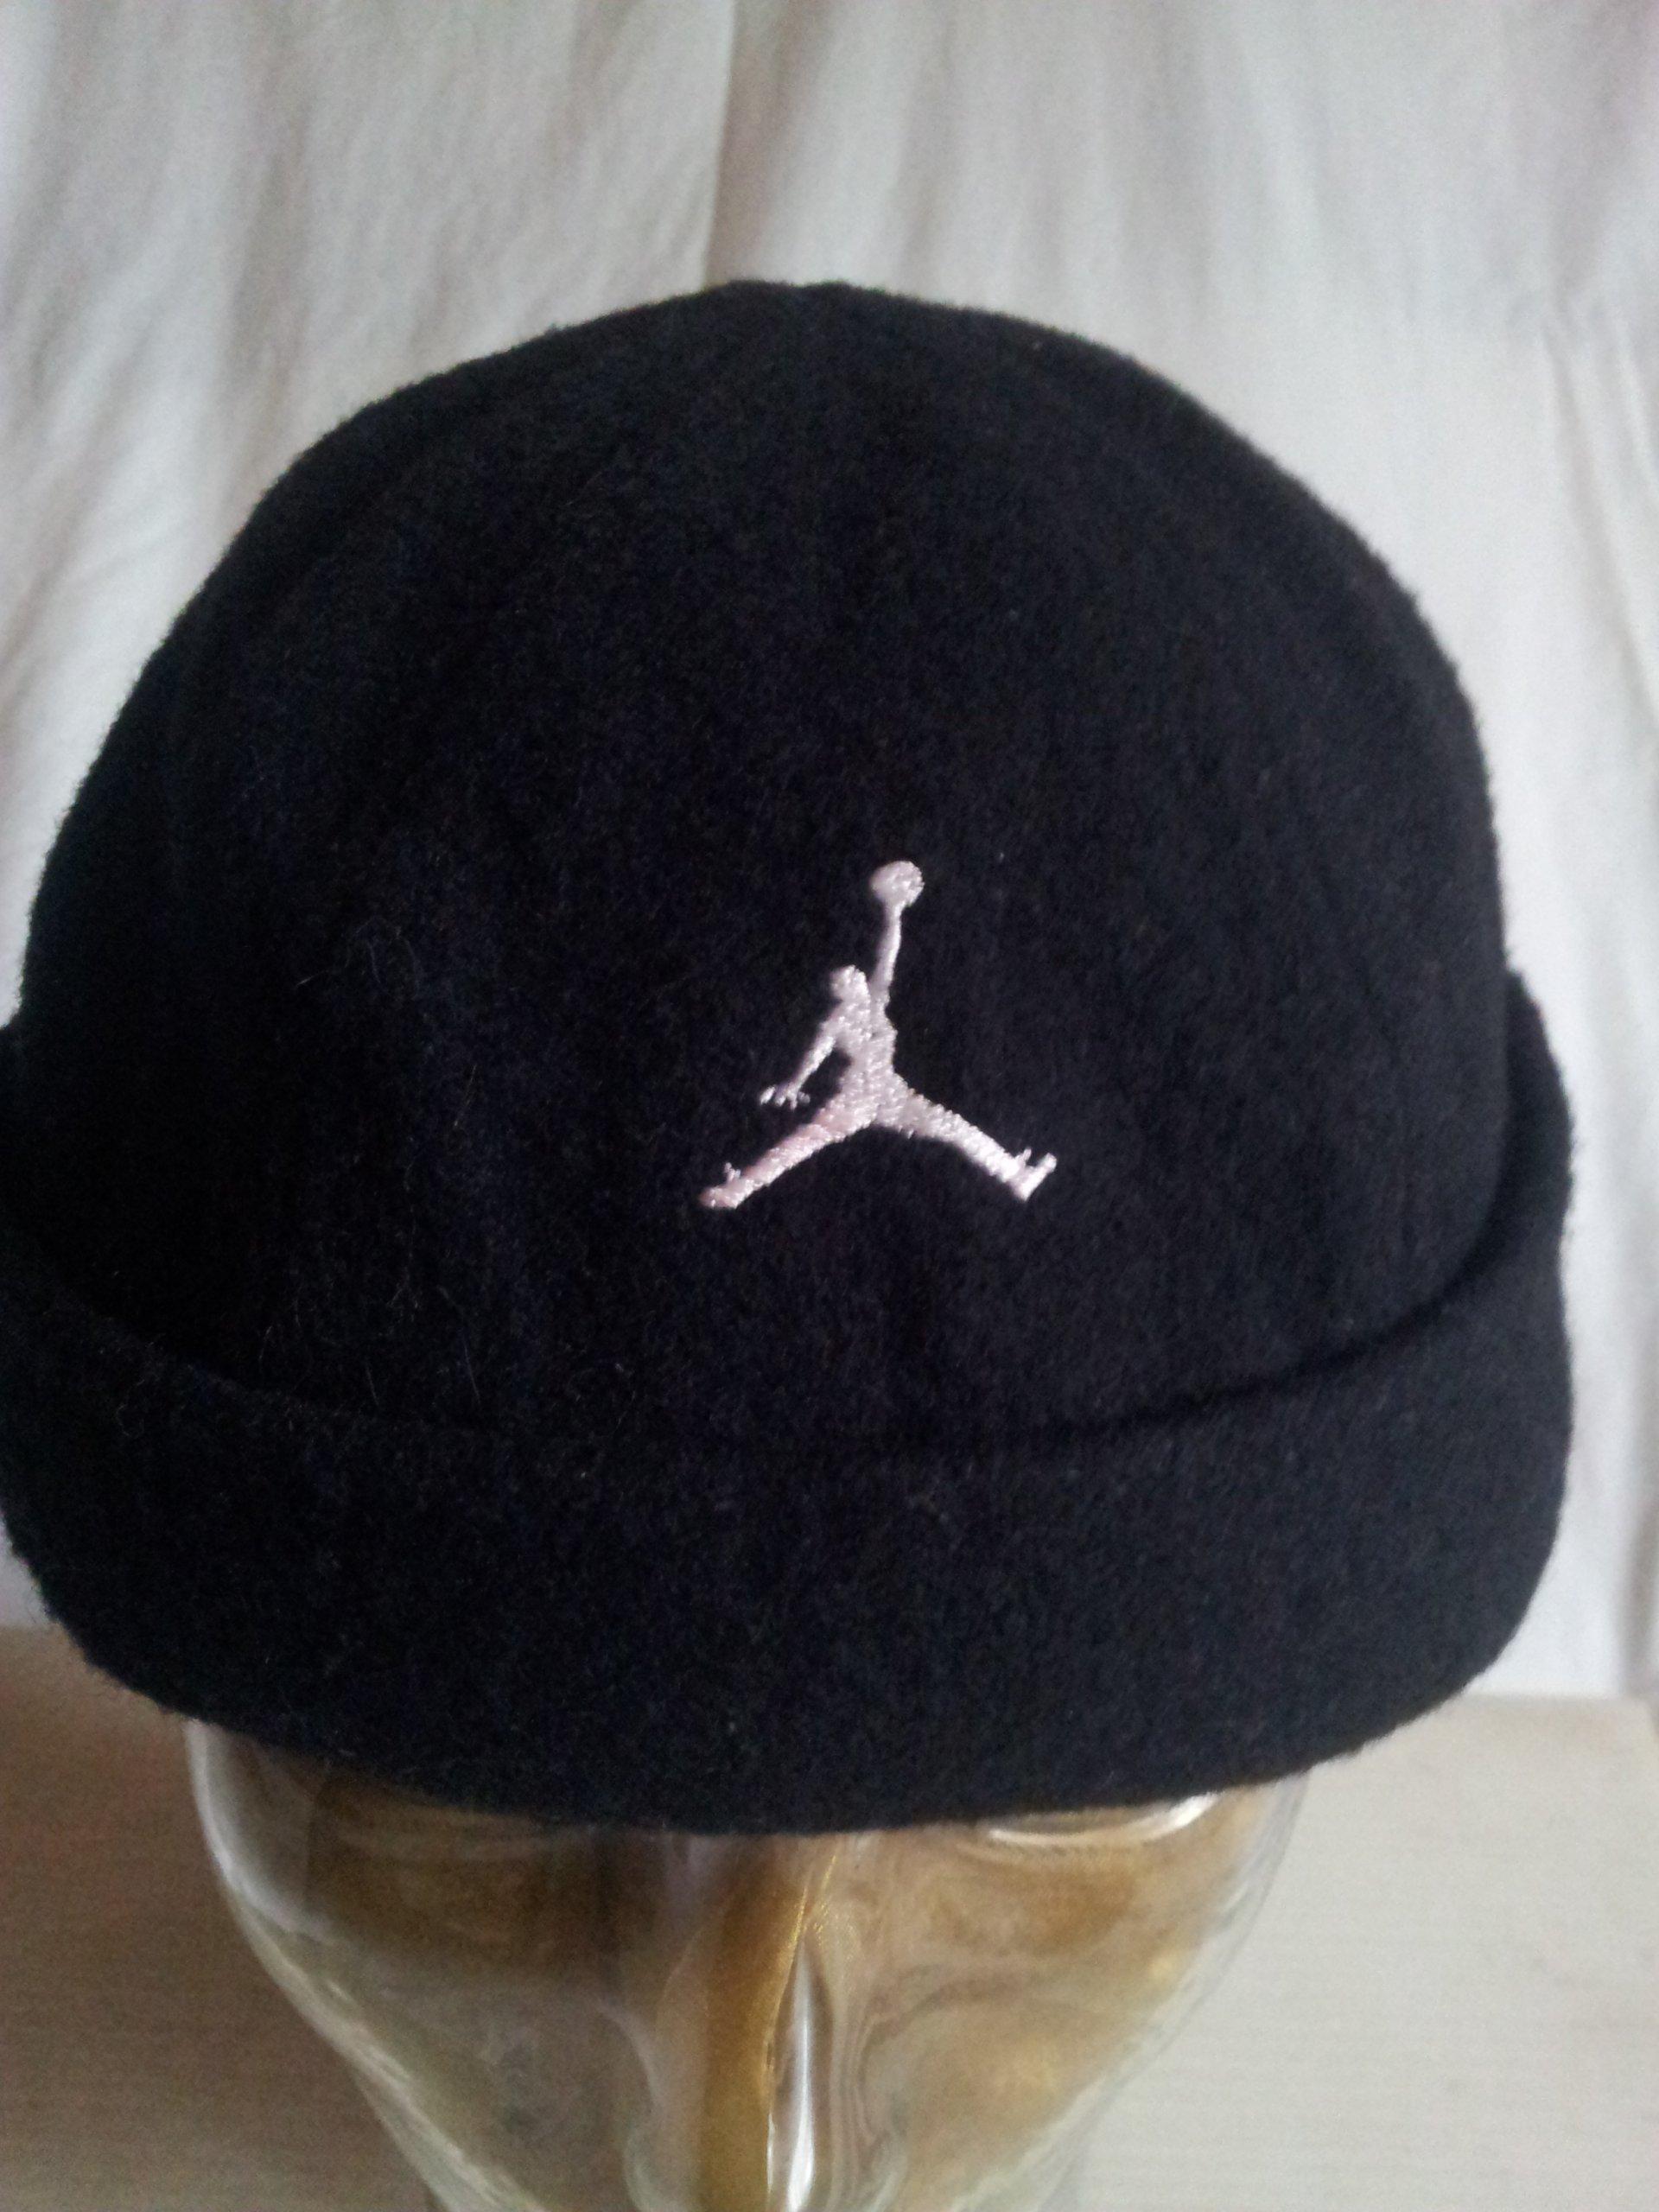 83ada51bf czapka jordan brand roz XL 57cm - 7192861920 - oficjalne archiwum ...